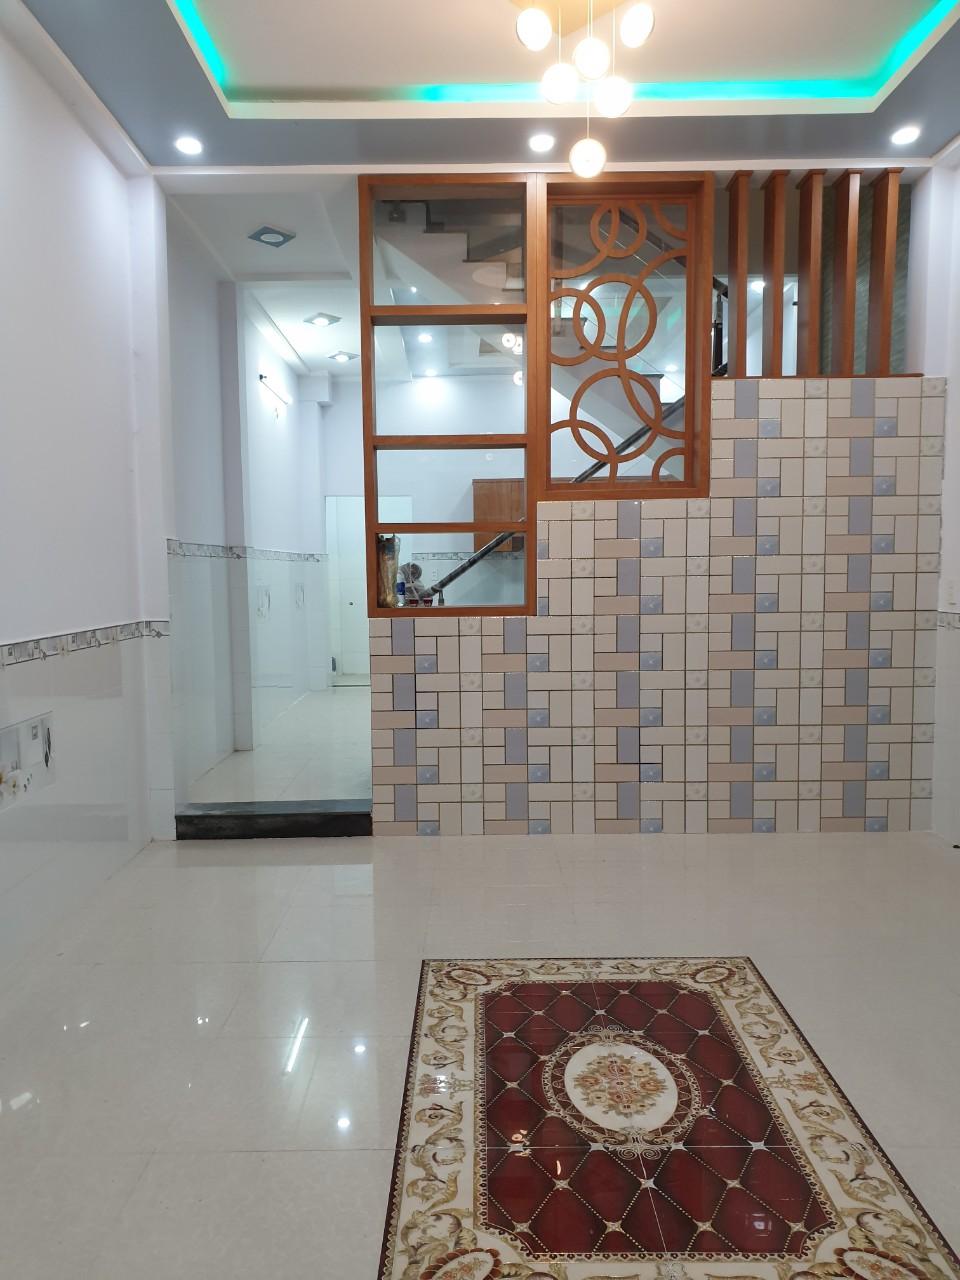 Bán nhà hẻm 2683 Phạm Thế Hiển phường 7 Quận 8, Nhà đẹp mới xây 4,4x12m